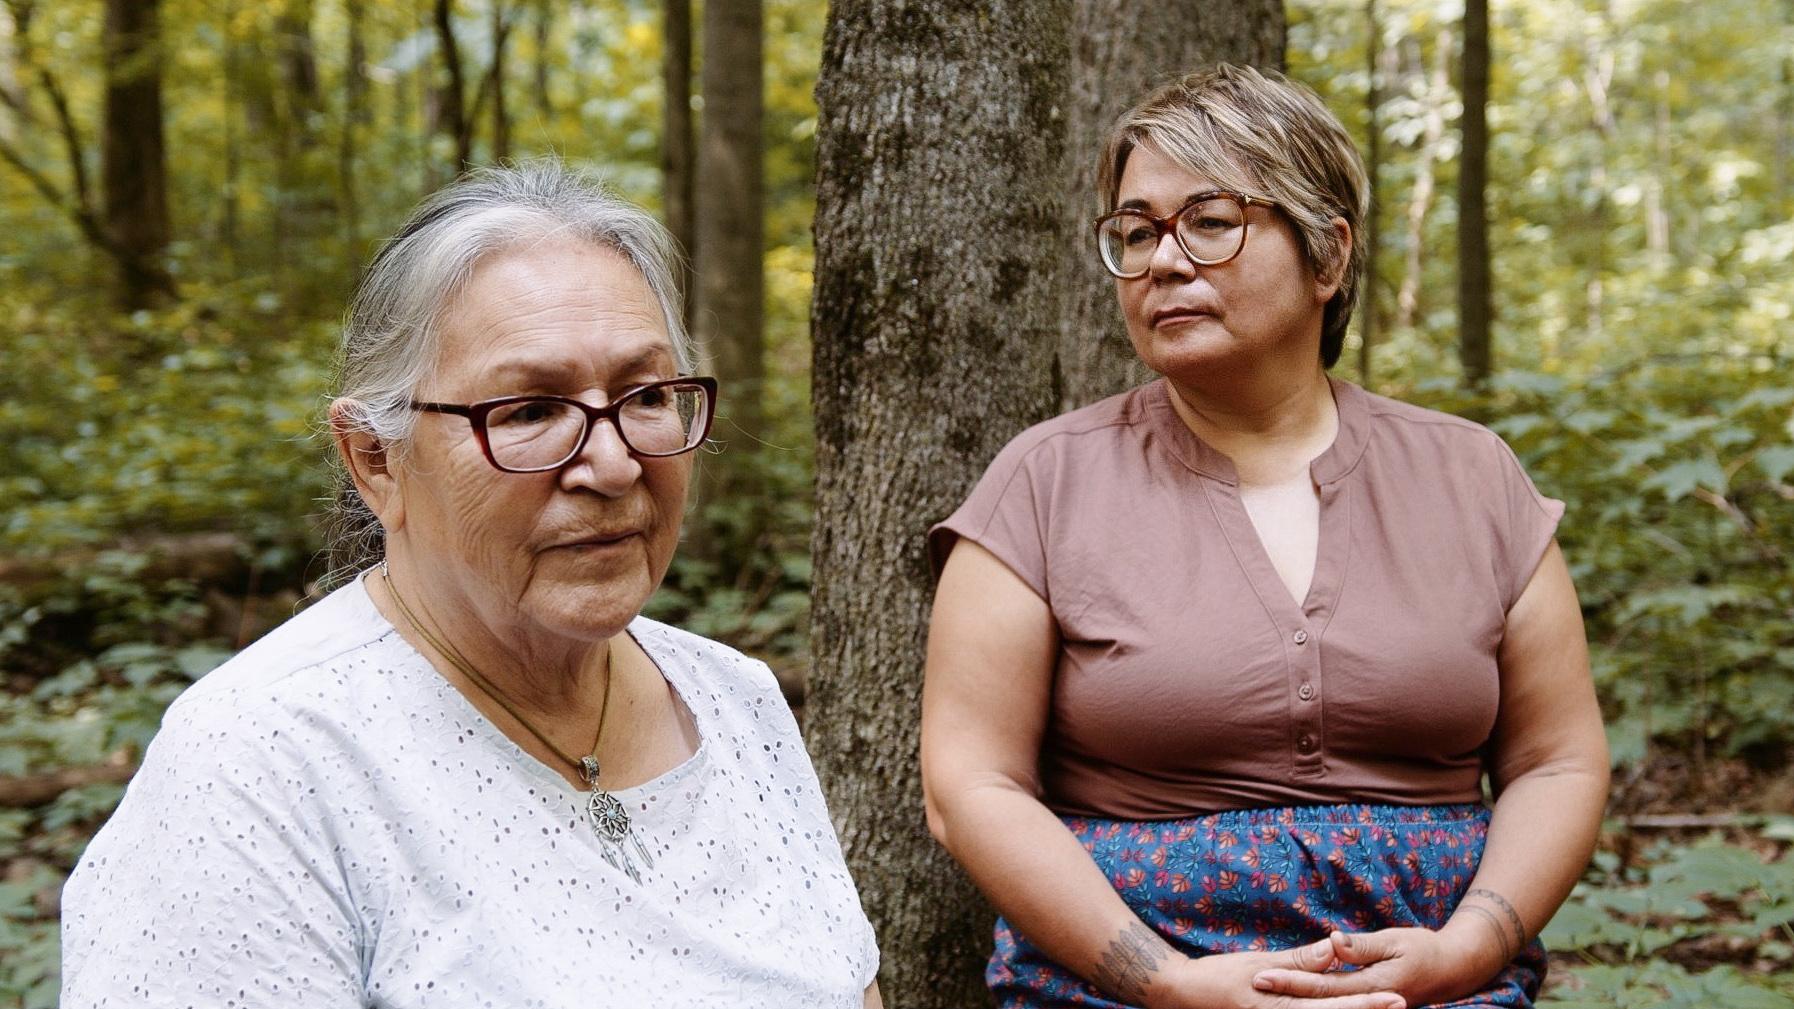 Mariette Niquay et Eva Ottawa sont assises sur une bûche dans le bois.